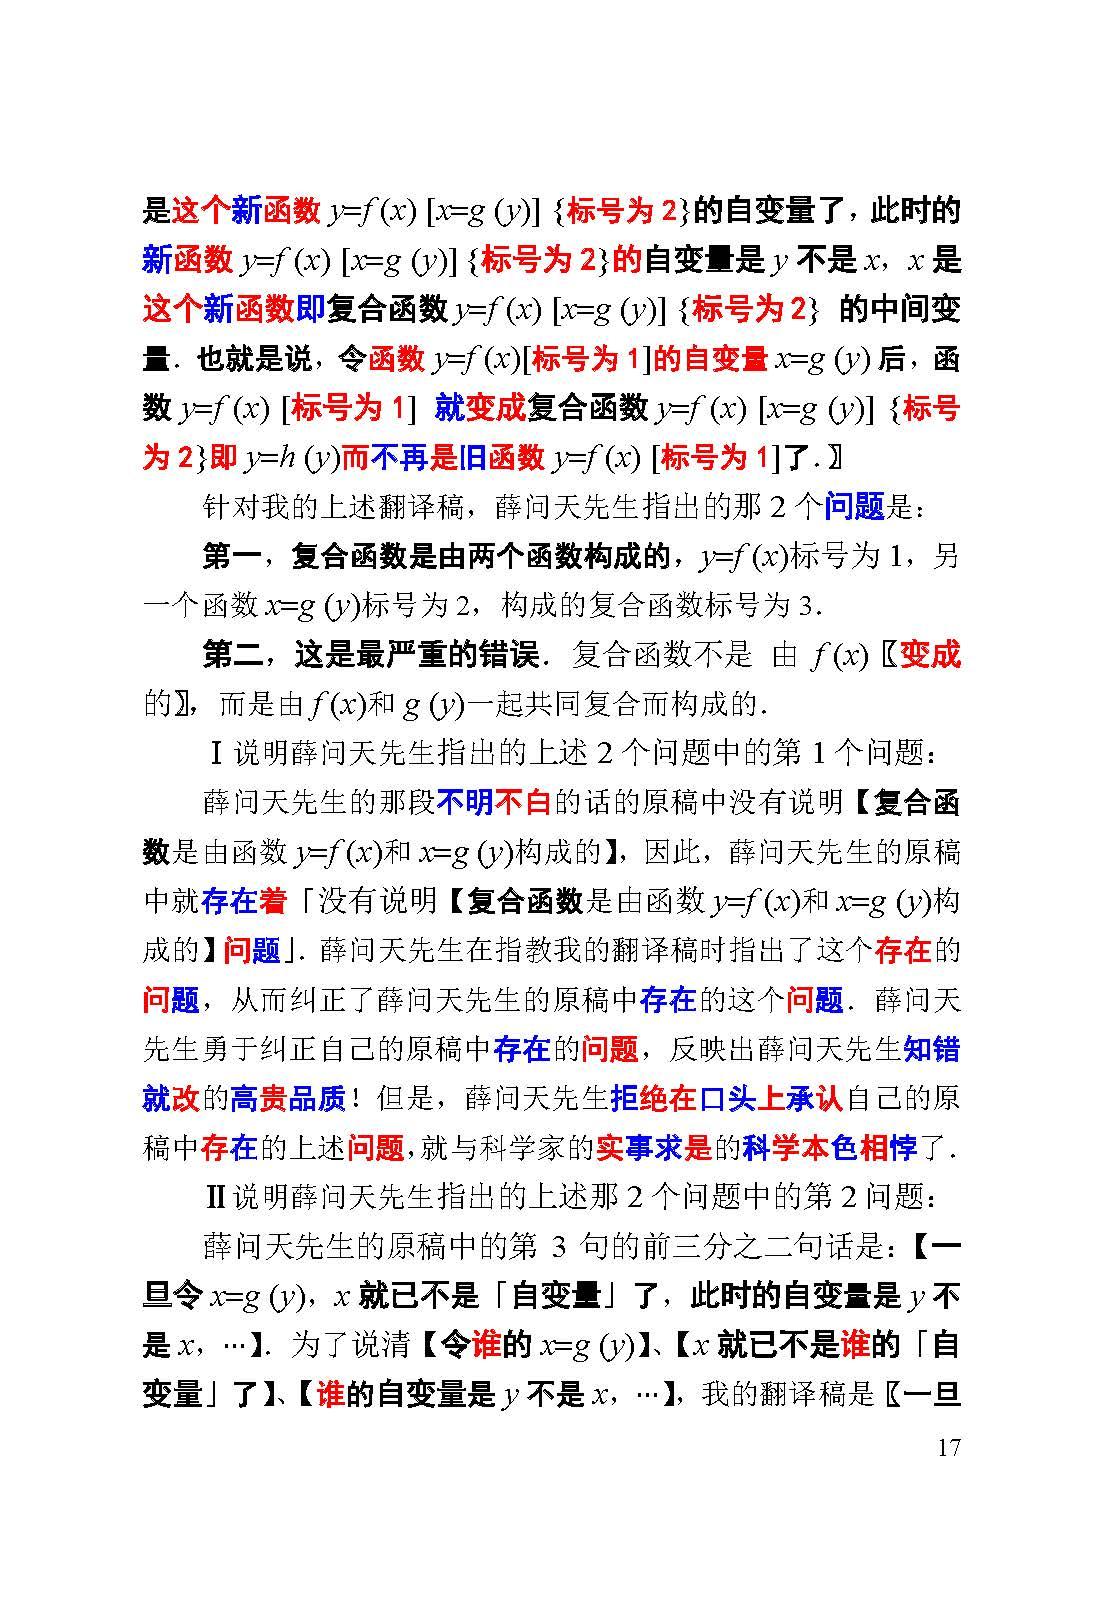 评薛问天先生的文章0428_页面_17.jpg